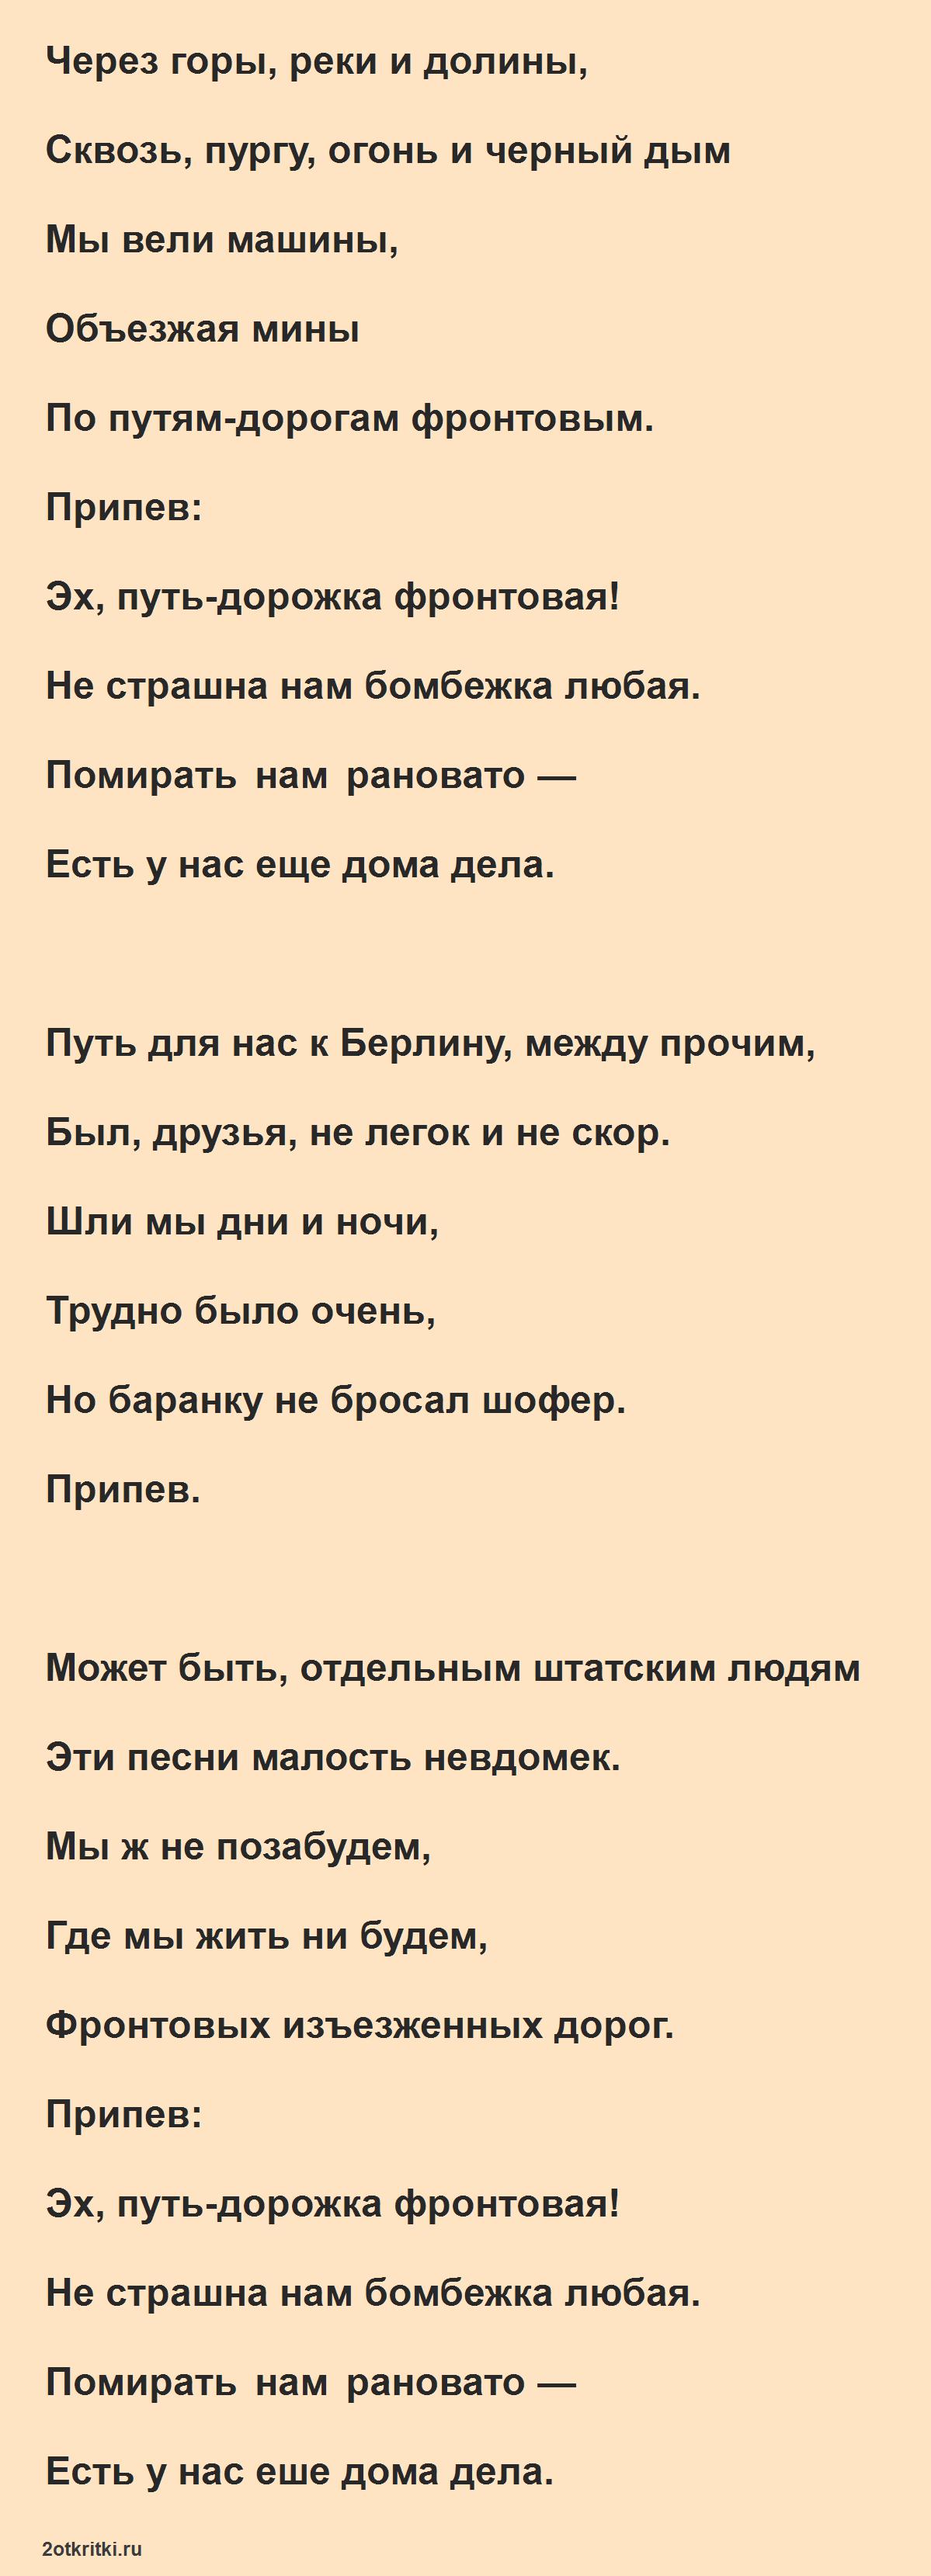 Песни на 9 мая День Победы - Дорожка фронтовая